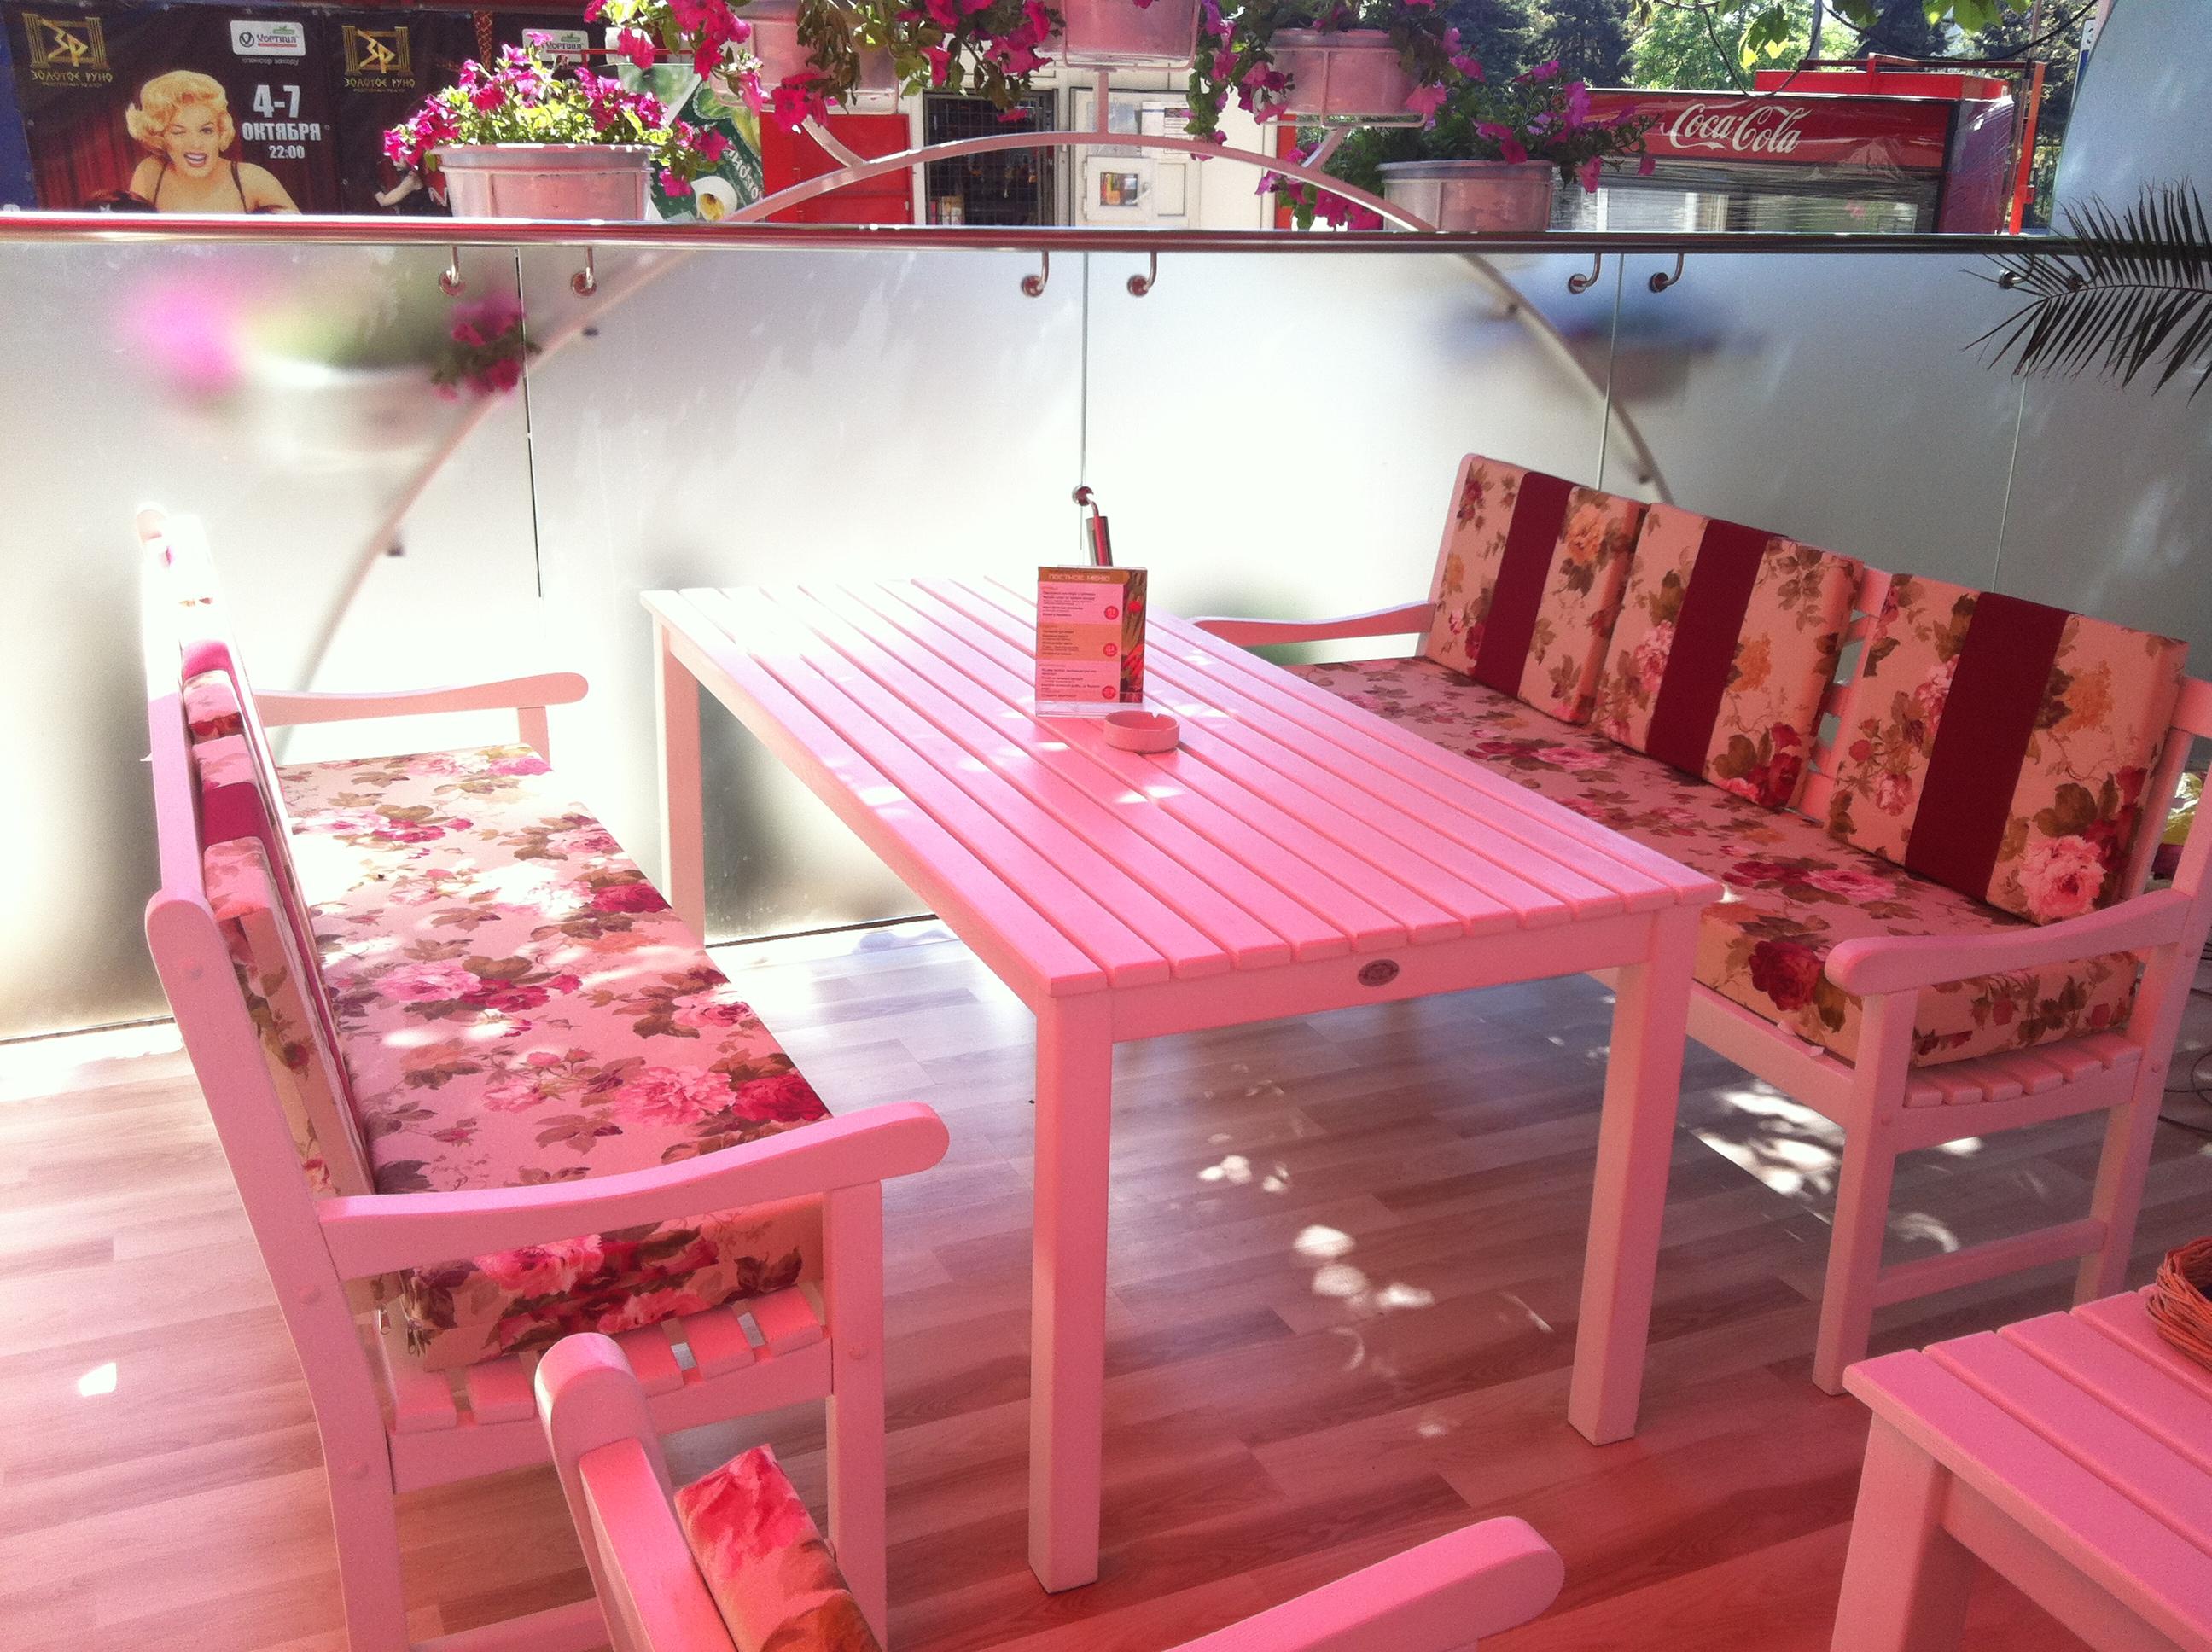 Мебель для летнего кафе: стулья, столы, оборудование для ... Имидж Компании